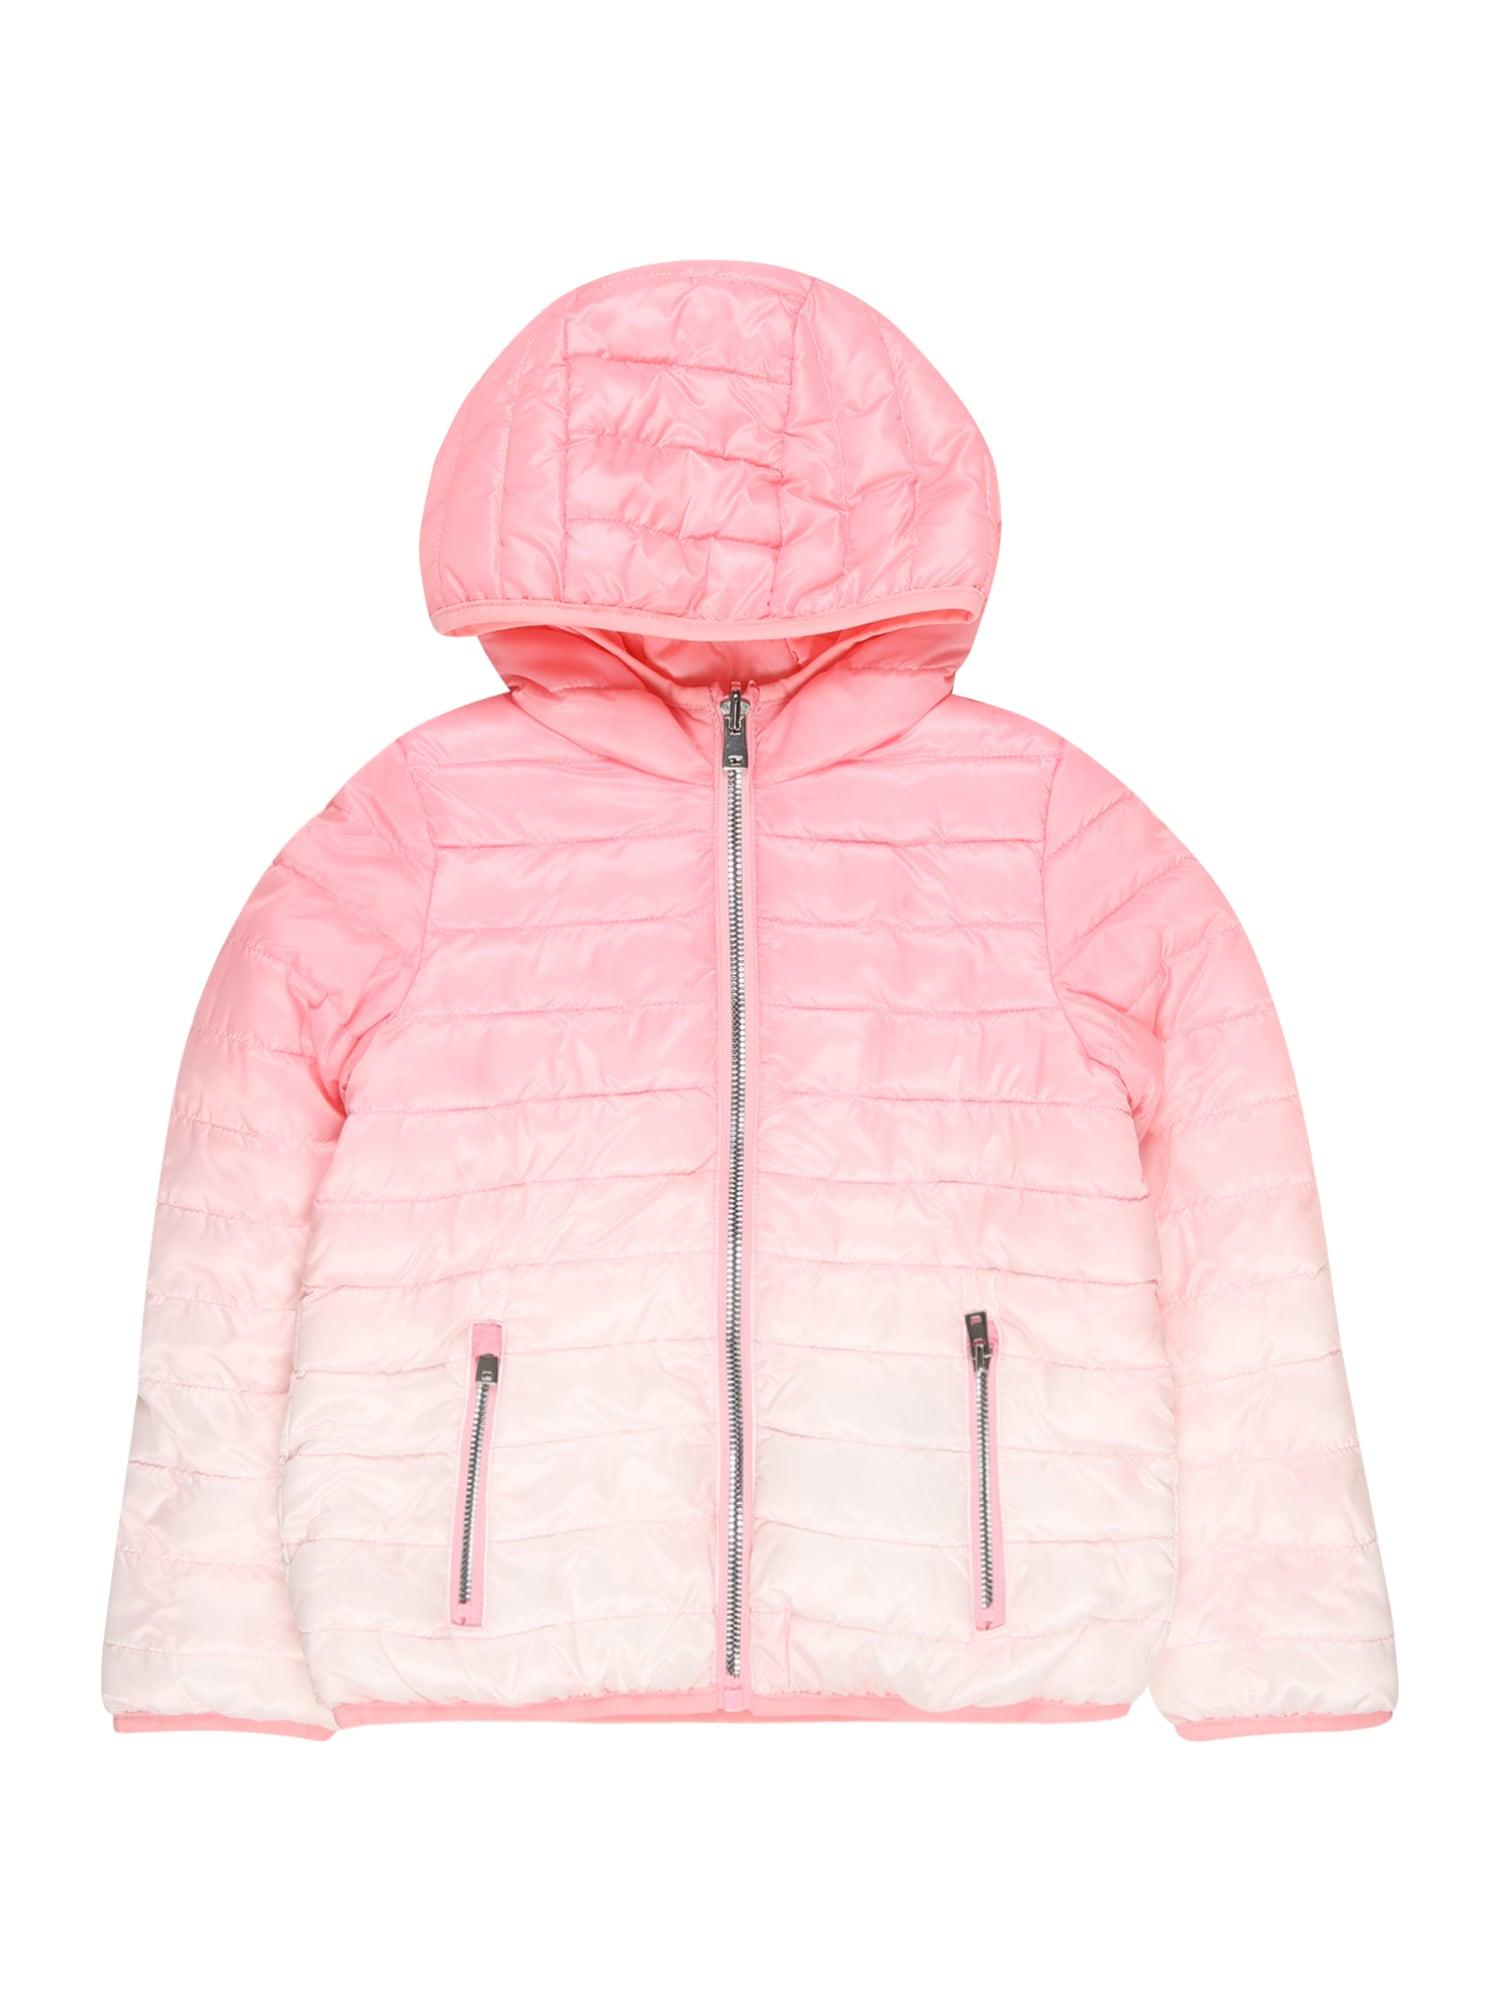 OVS Demisezoninė striukė šviesiai rožinė / pastelinė rožinė